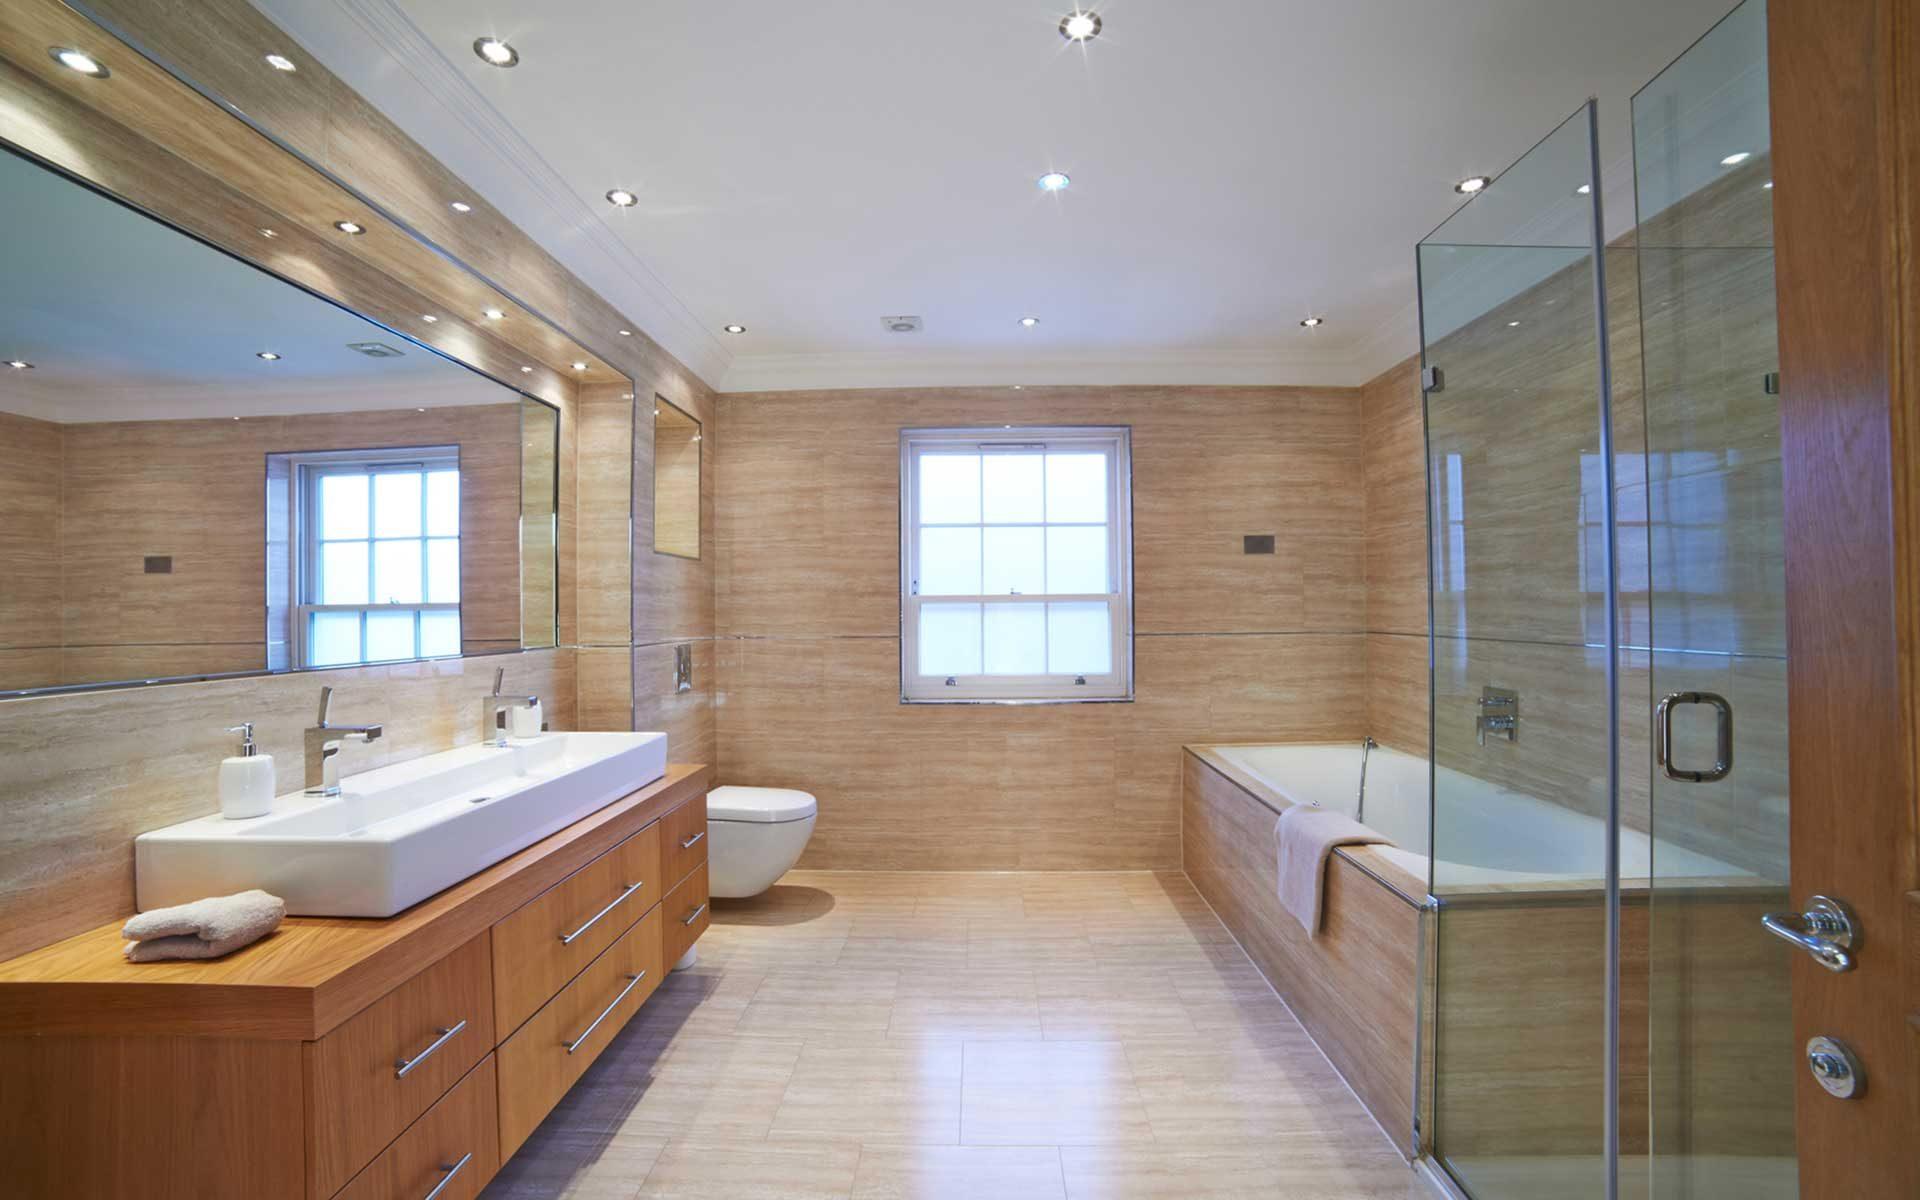 Sanitär-Anlagen von Kainz Haustechnik